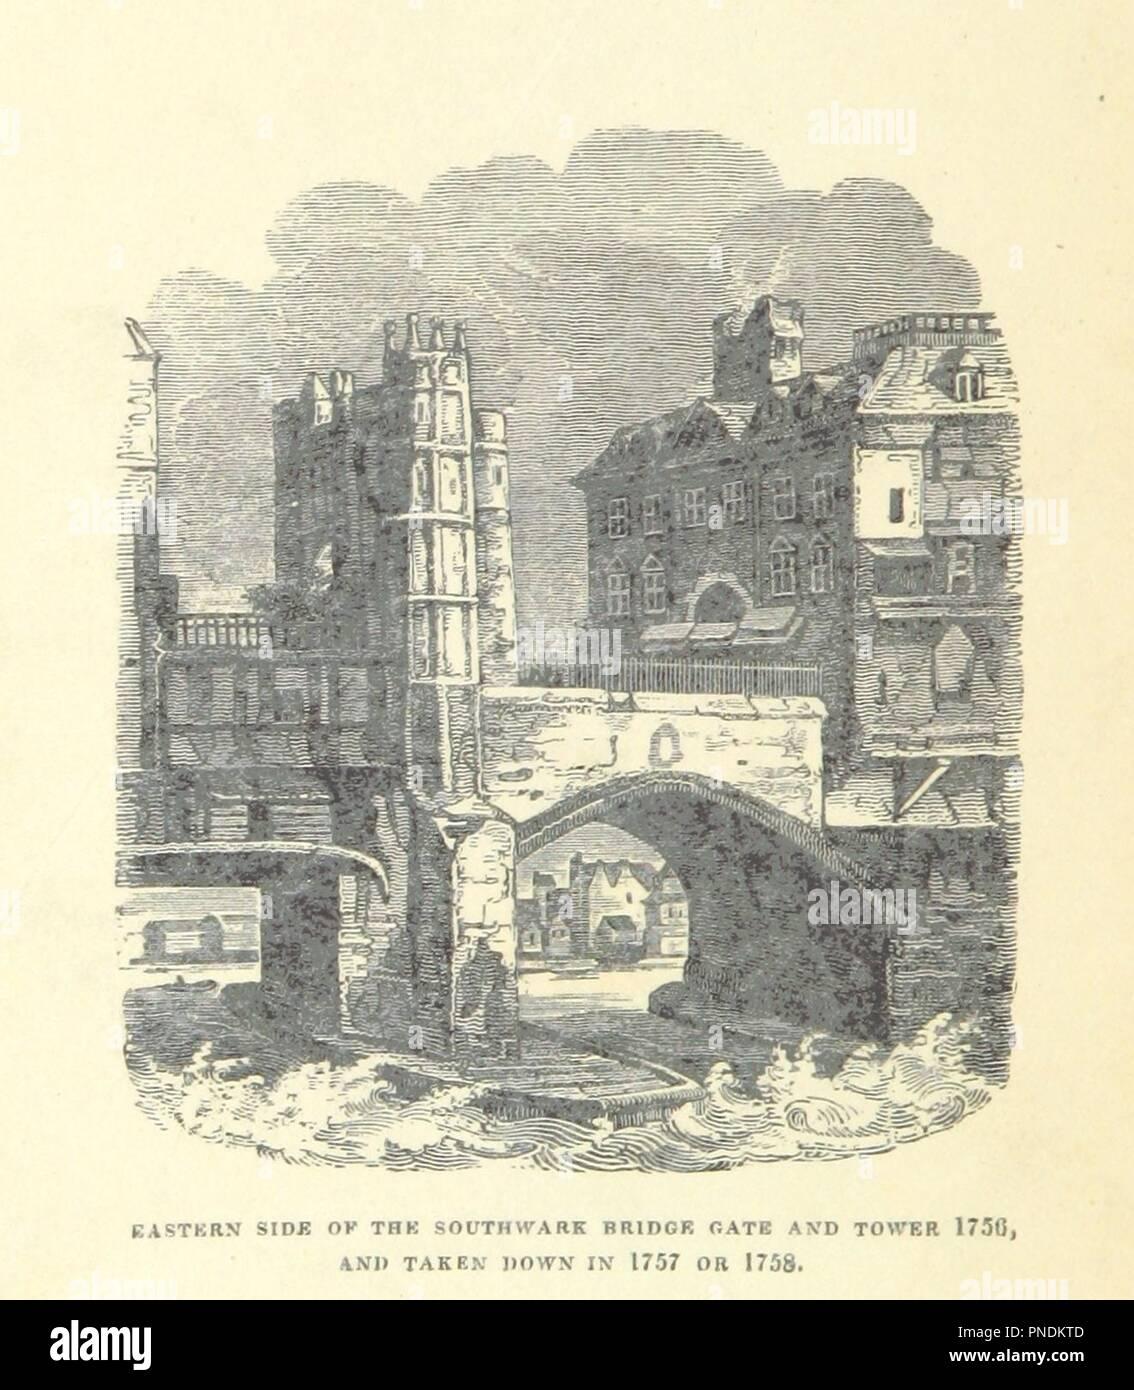 """Bild von Seite 10 der """"[Etymologie von Southwark.]'. Stockbild"""